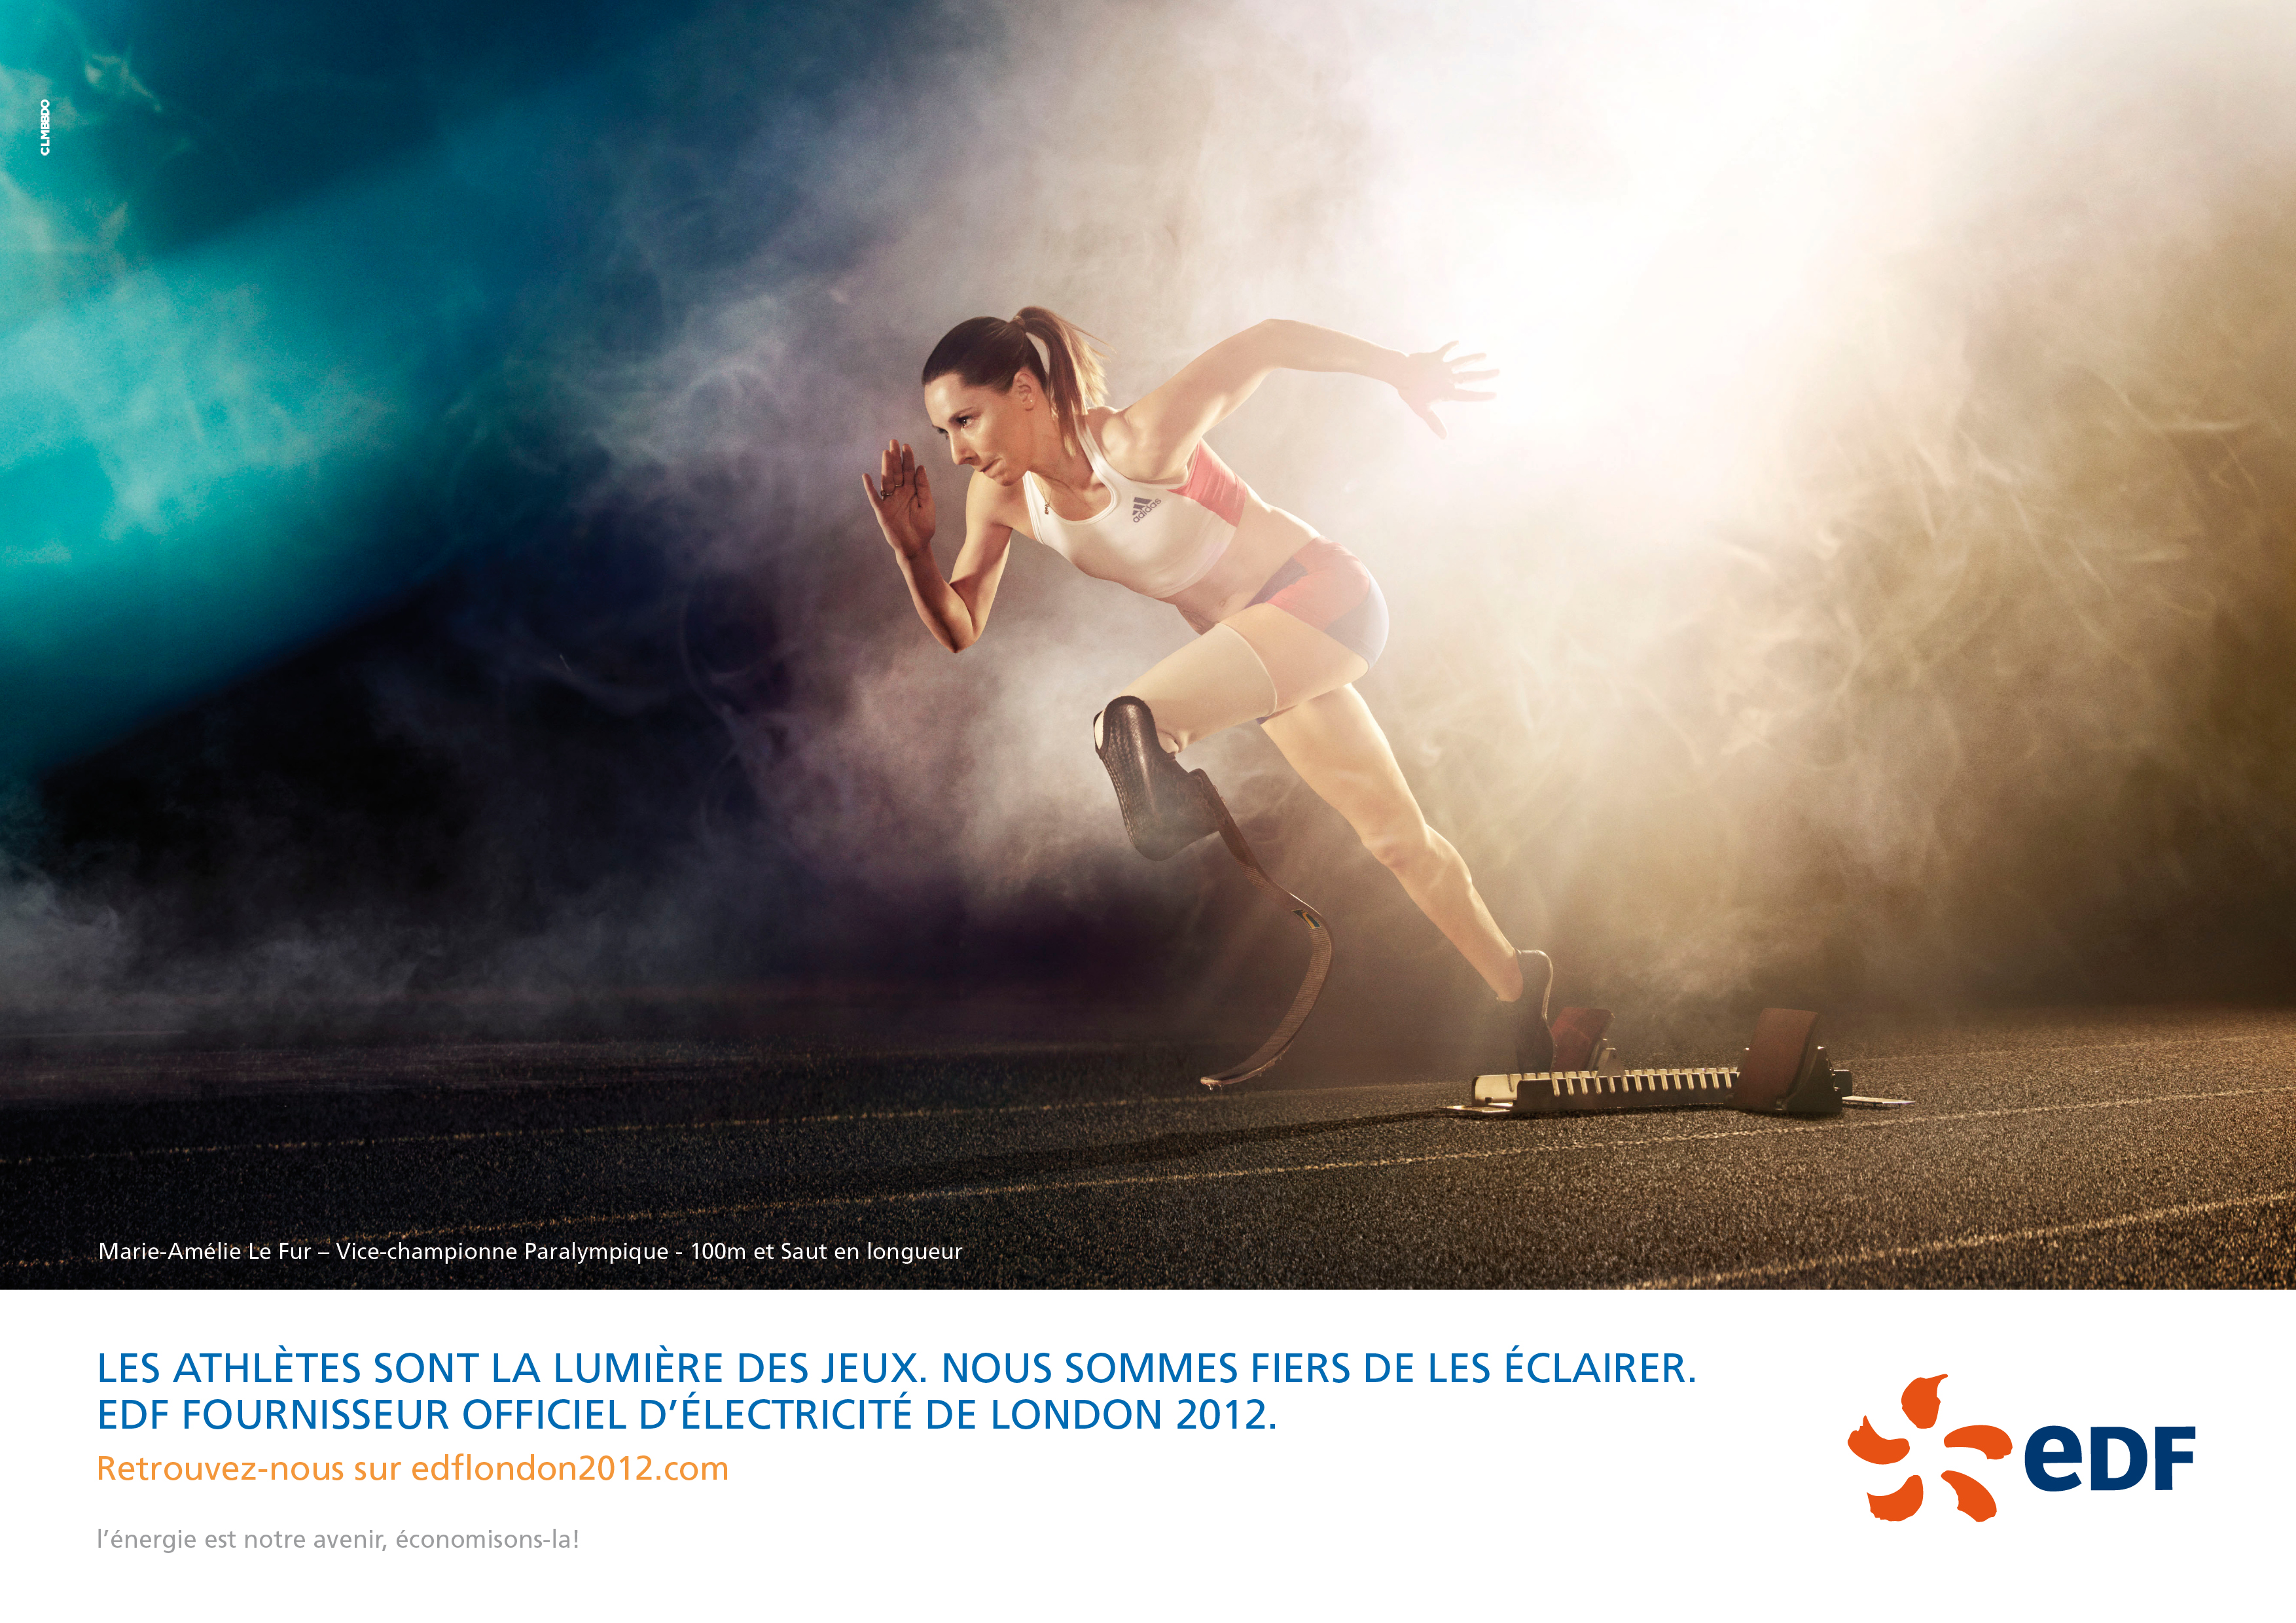 llllitl-edf-electricité-partenaire-officiel-jeux-olympiques-londres-2012-publicité-print-visuel-campagne-publicitaire-champions-olympiques-sportifs-athlètes-agence-clm-bbdo-8